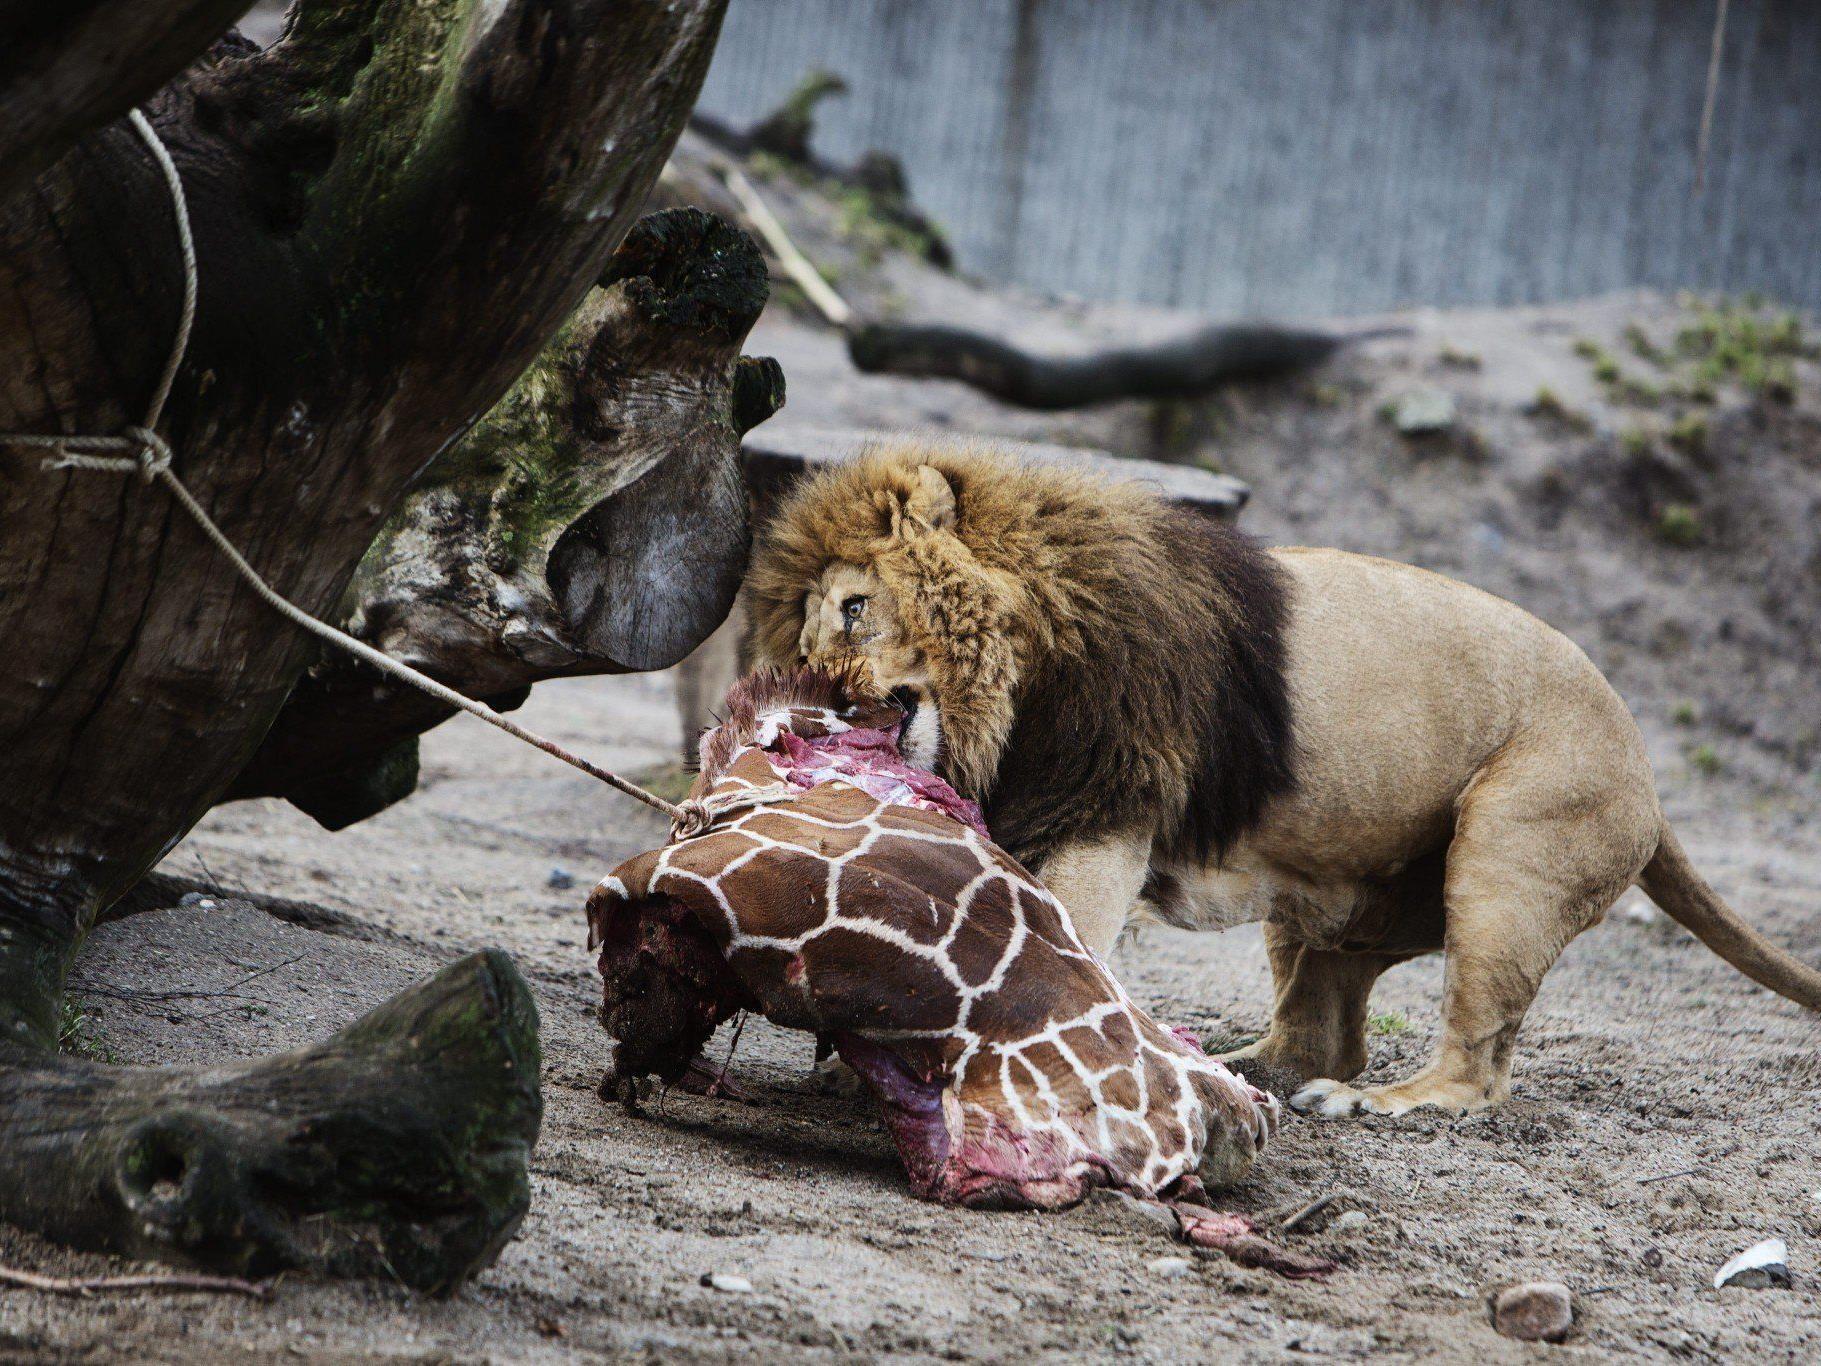 Trotz Gnadenappell: Marius wurde den Löwen zum Fraß vorgeworfen.